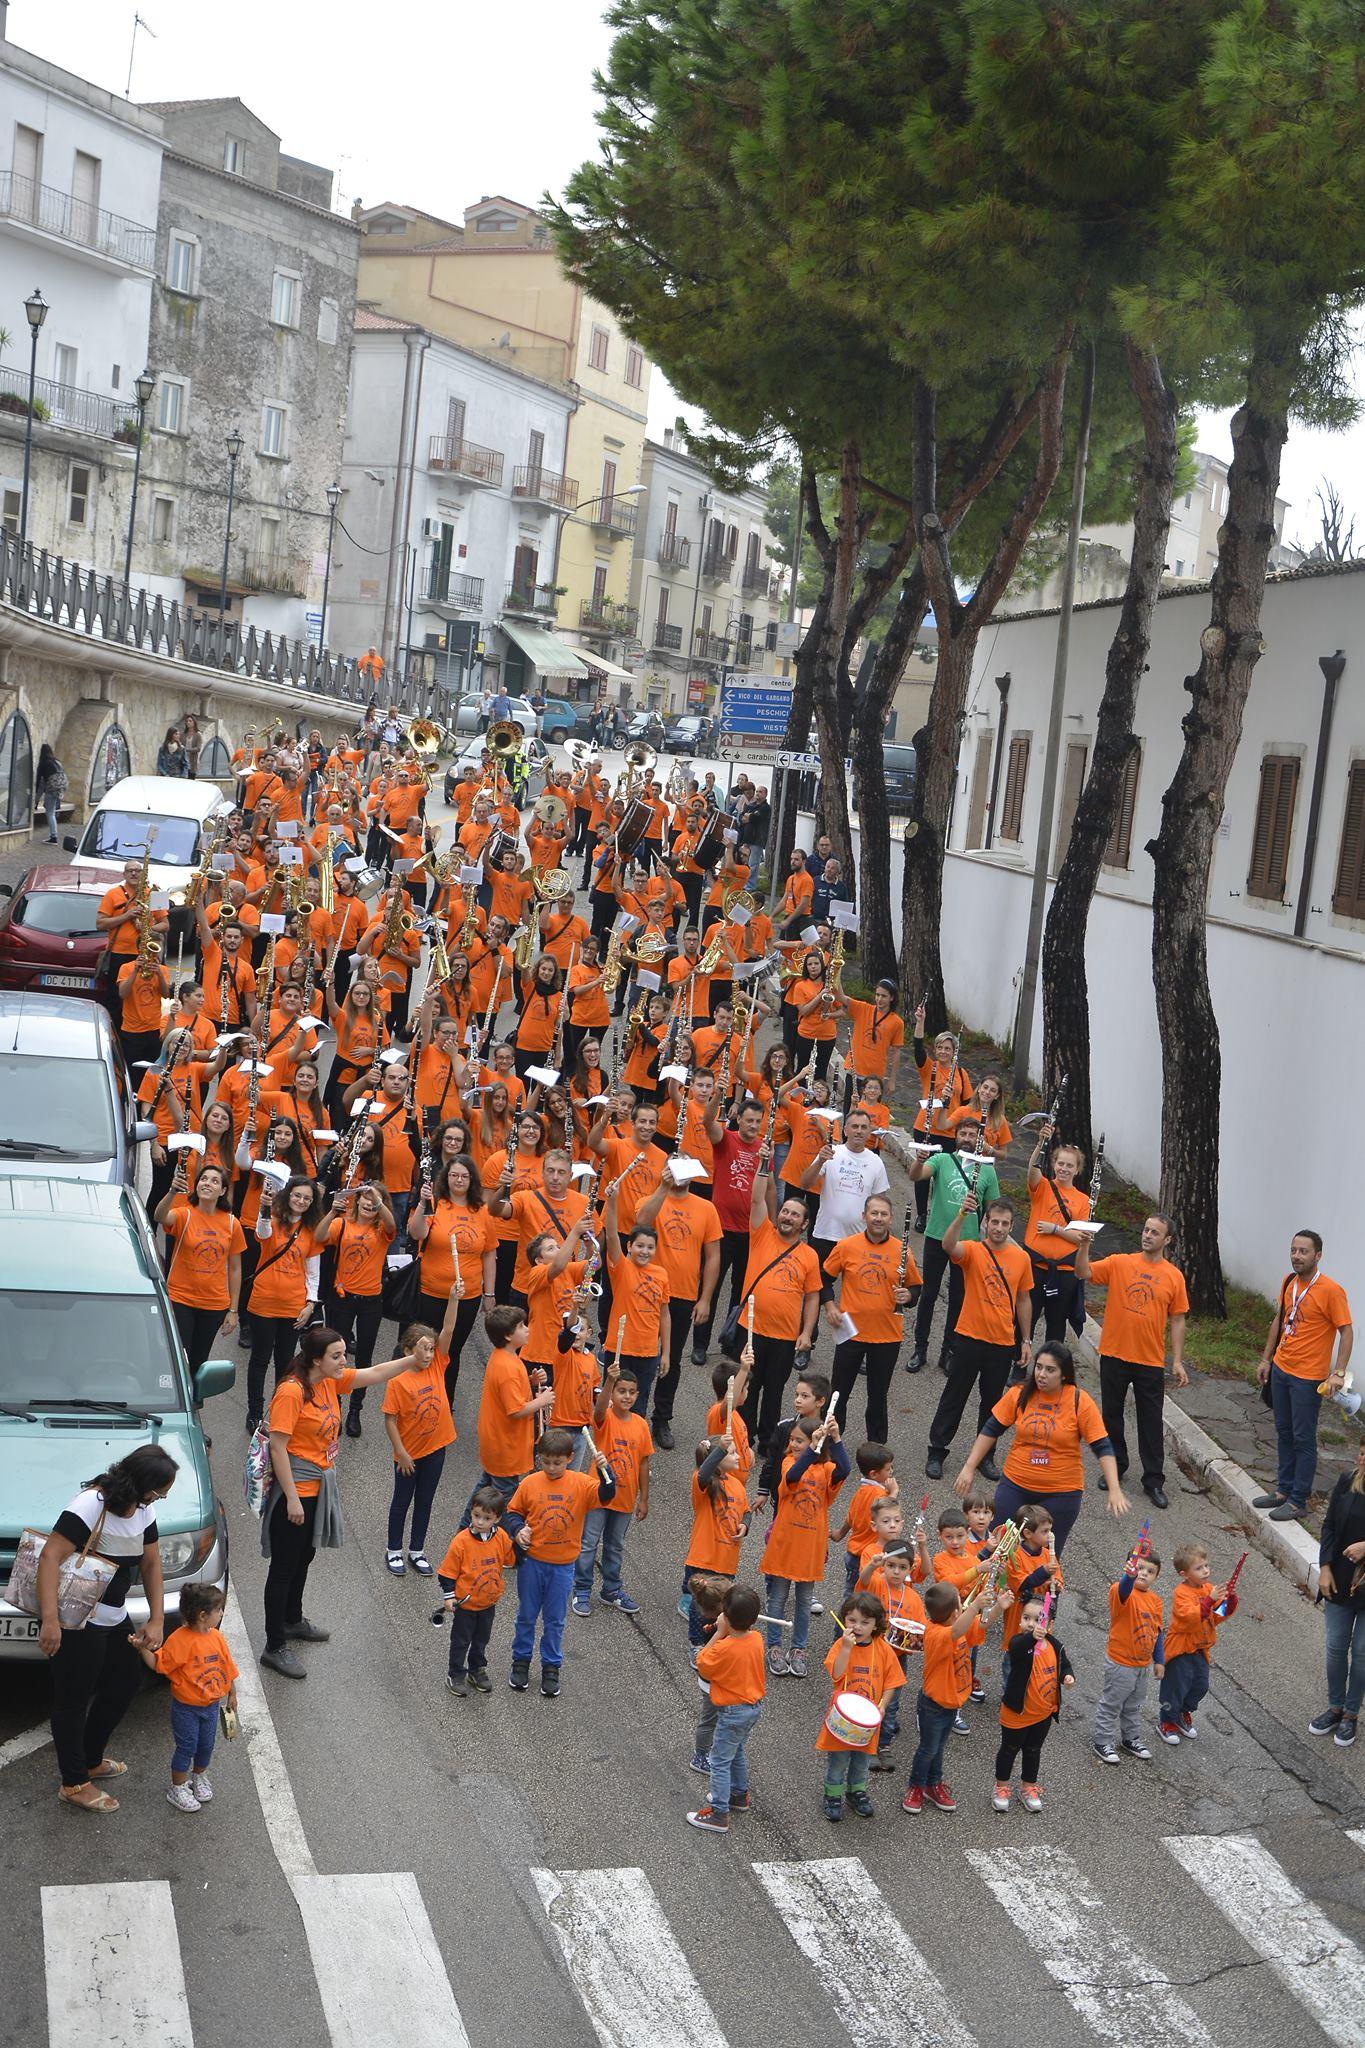 Palestra Vico Del Gargano la musica bandistica rivive con il raduno dei bandisti del